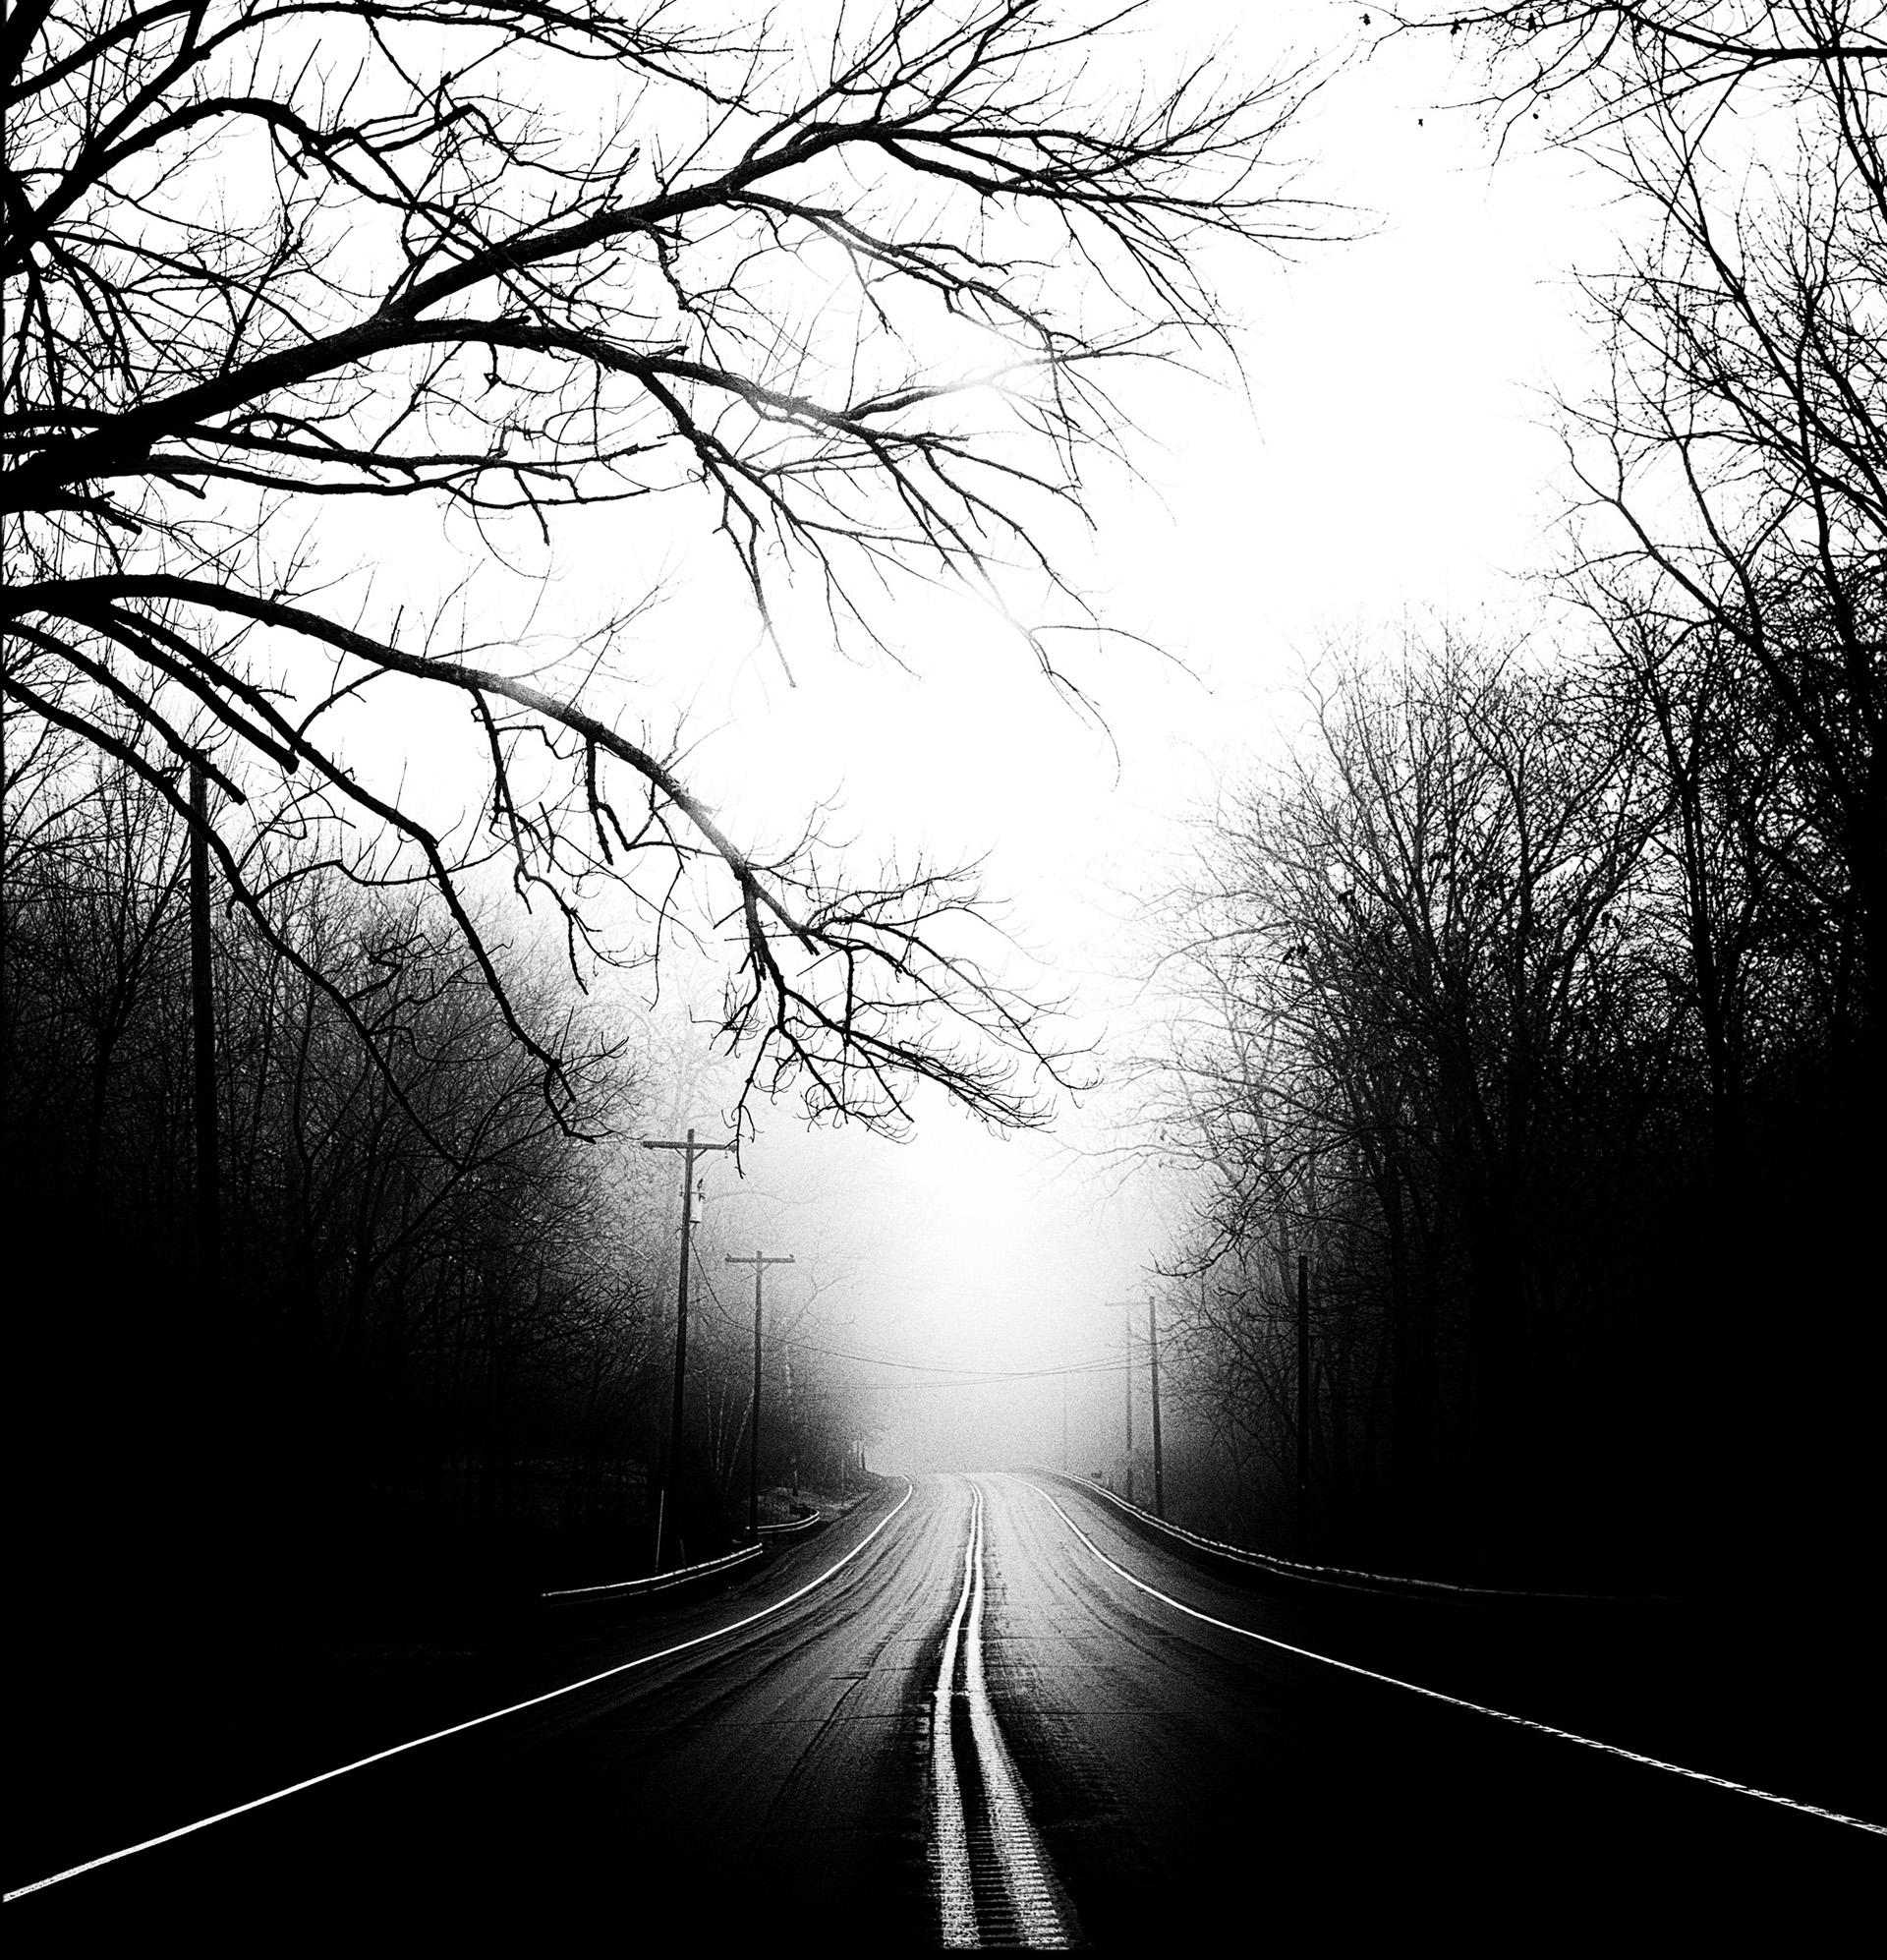 Fotograf a blanco y negro consejos infalibles - Blanco y negro ...